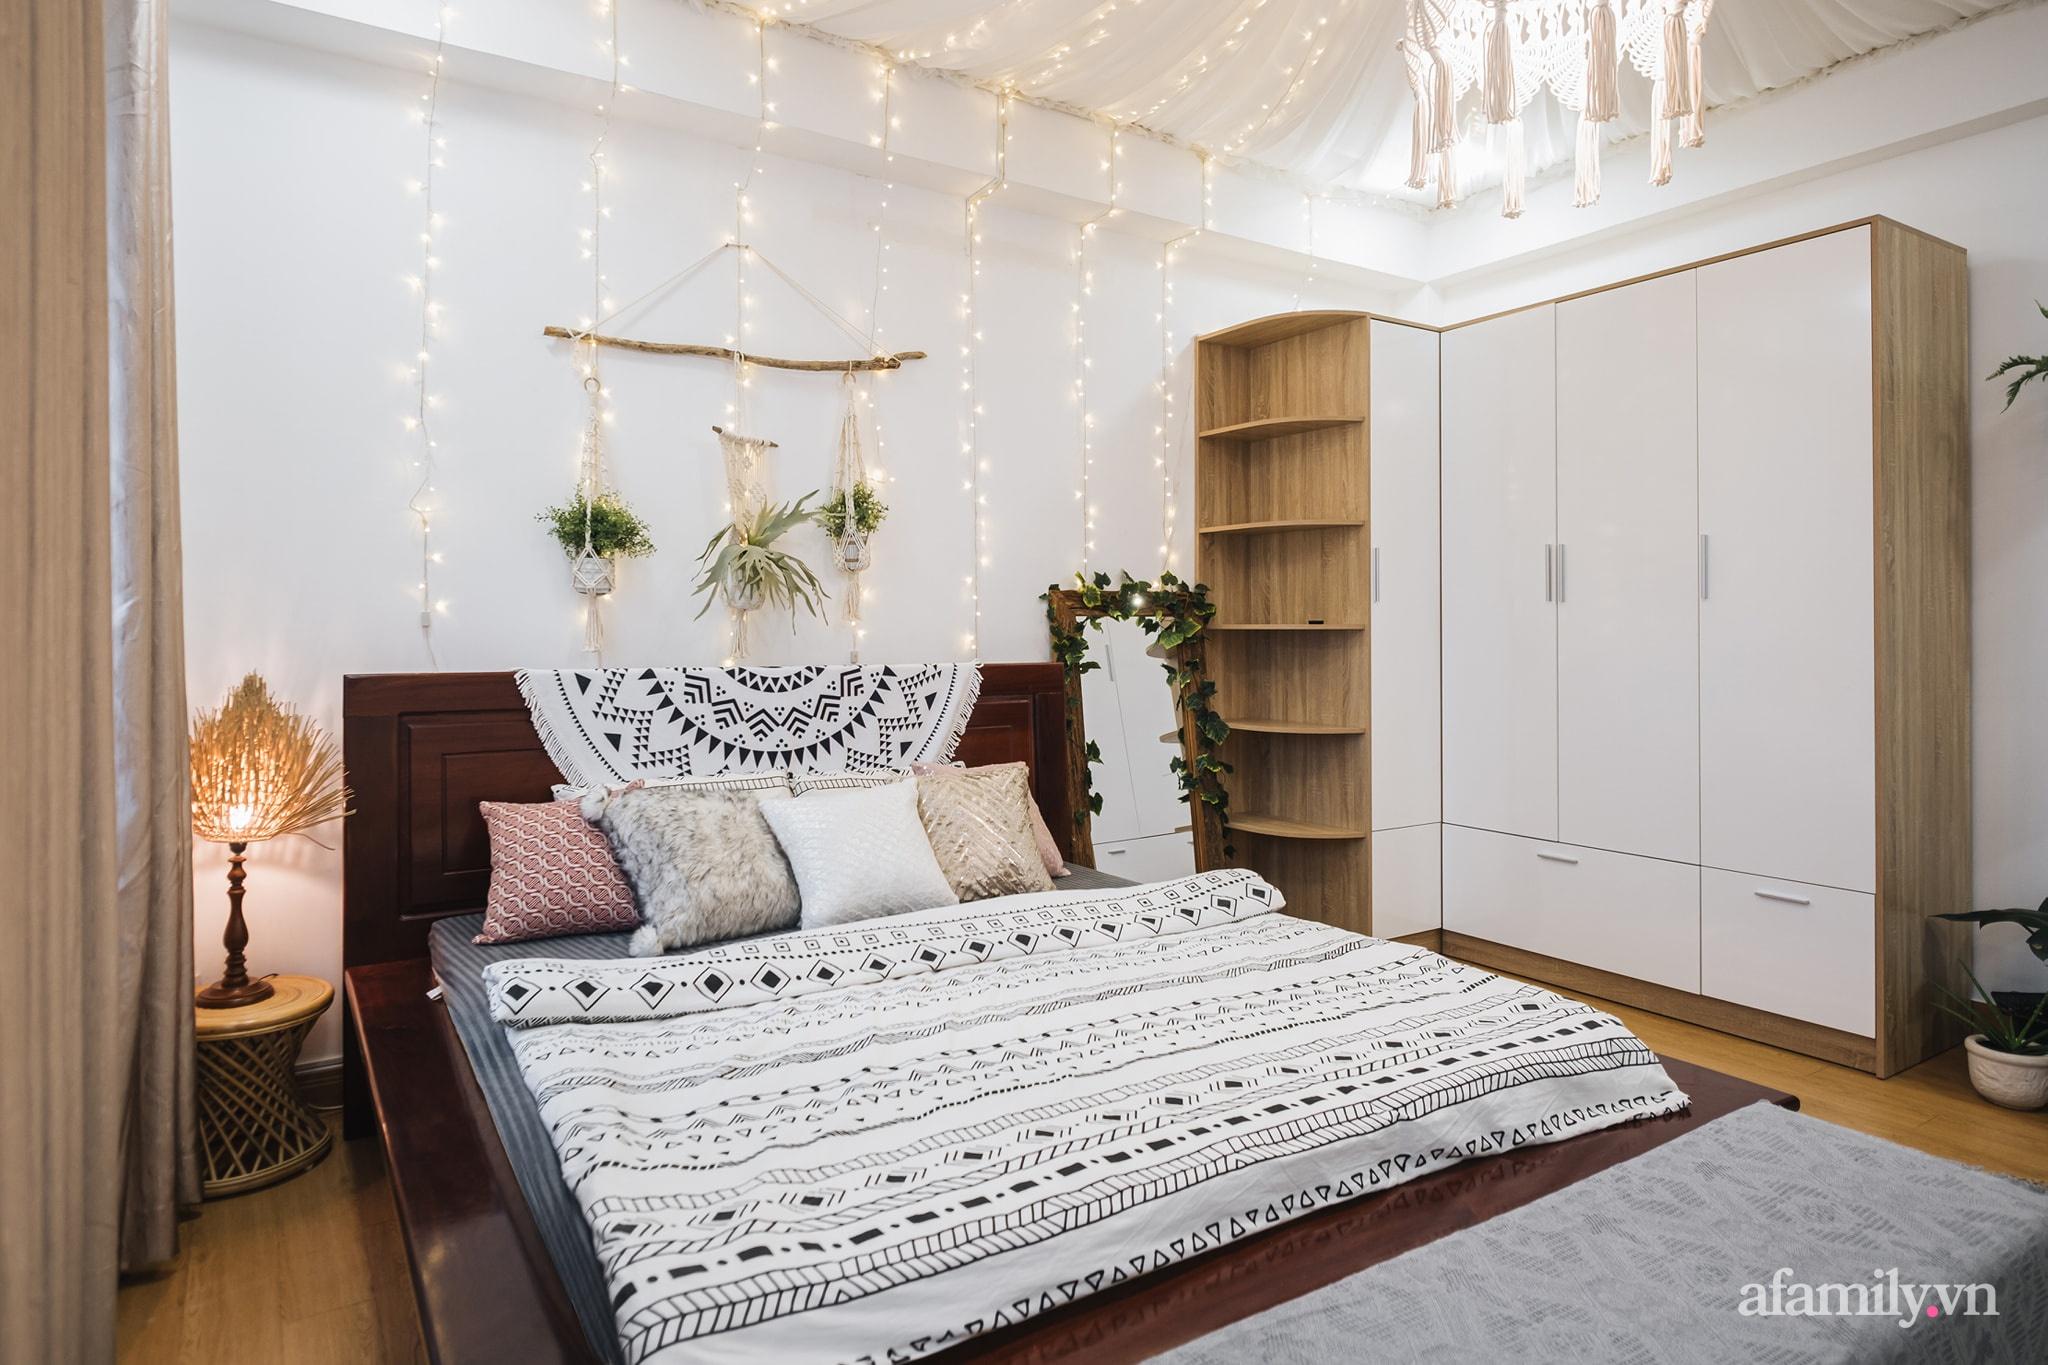 Cải tạo phòng ngủ cũ thành phòng tân hôn đẹp lãng mạn theo phong cách Boho với chi phí décor 50 triệu đồng ở Sài Gòn - Ảnh 3.